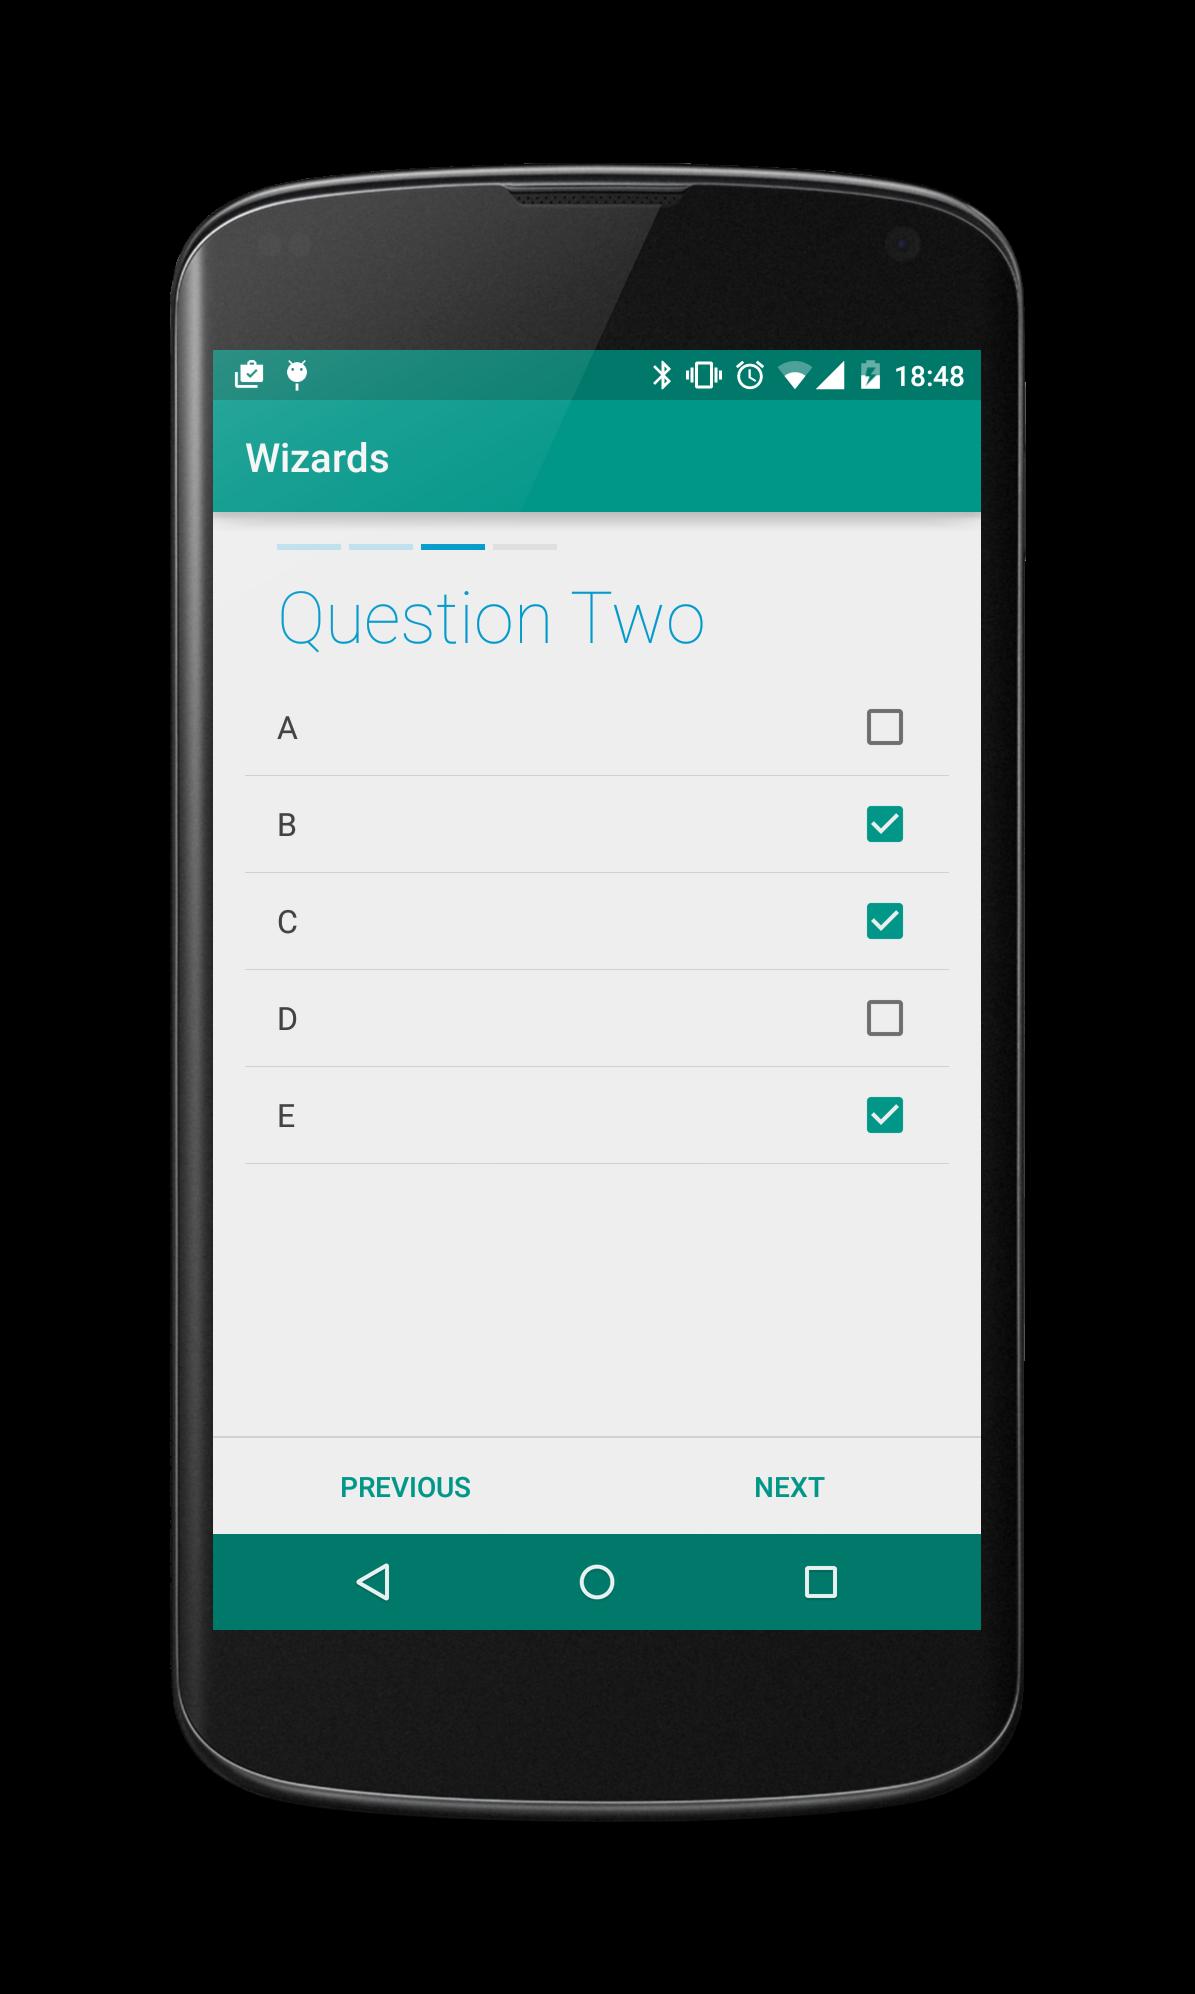 MarkOSullivan94/AndroidMaterialWizard An Android